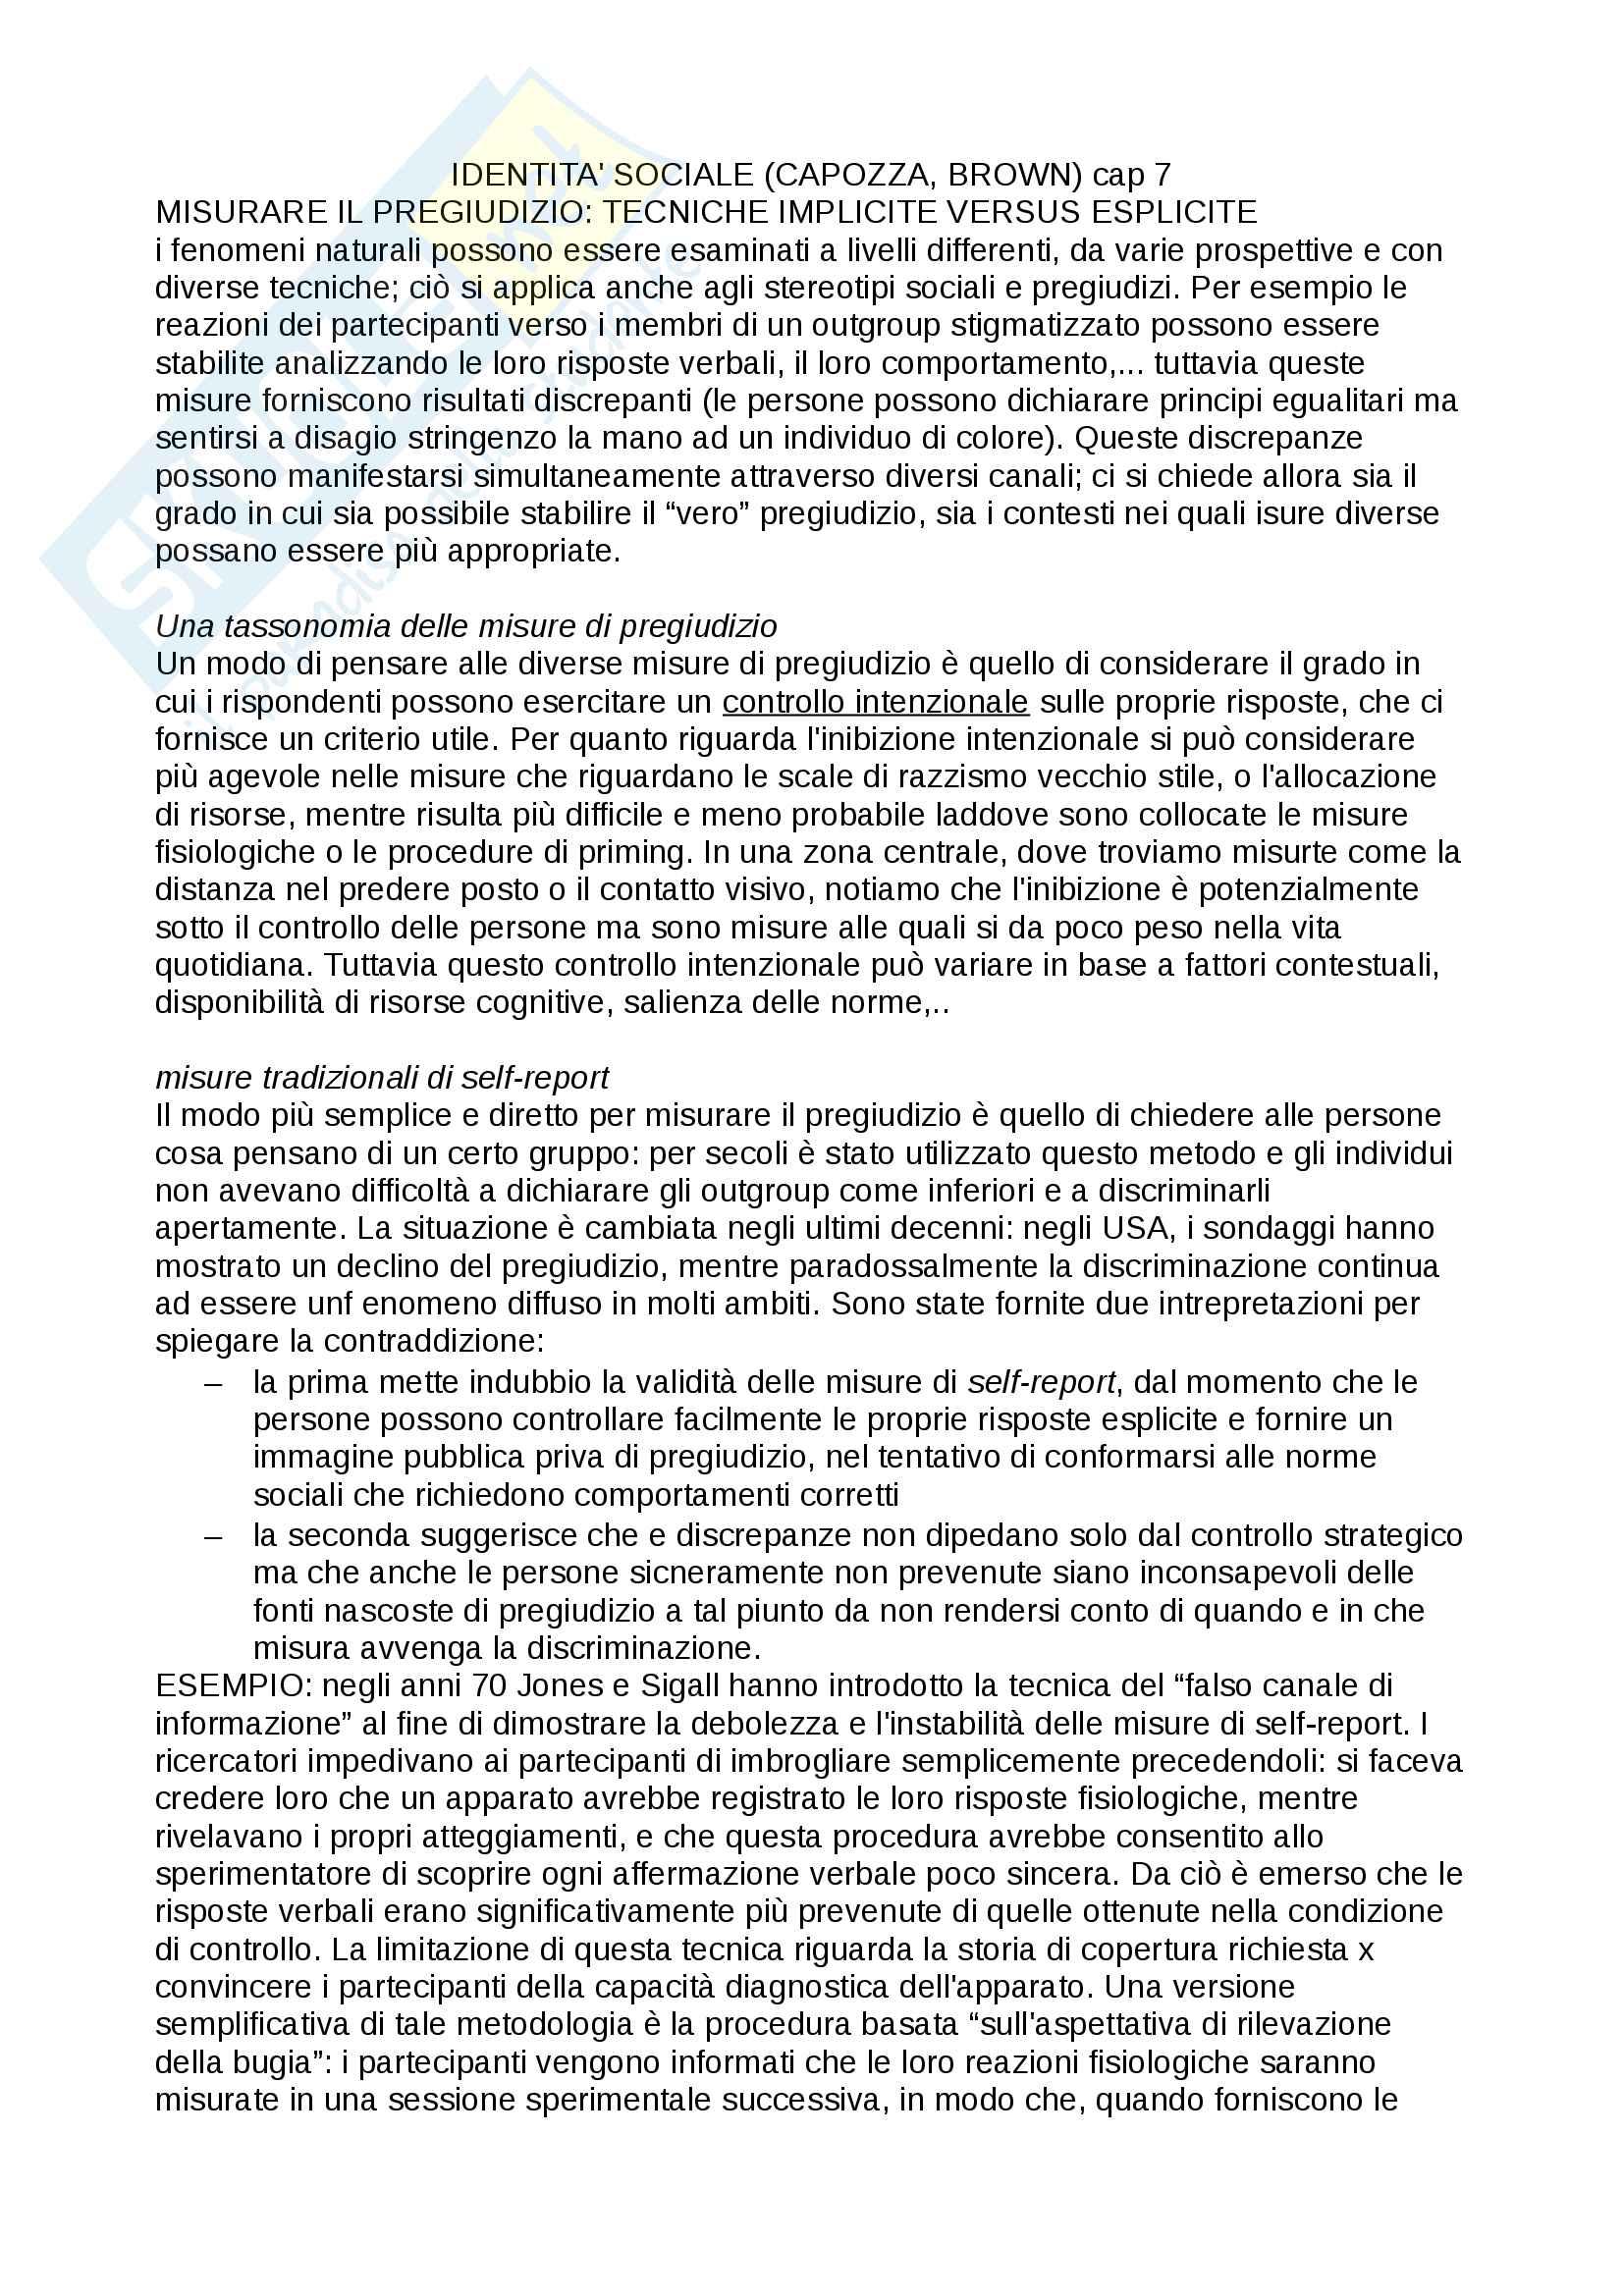 Appunti per esame di psicologia dell'atteggiamento, testo consigliato identità sociale